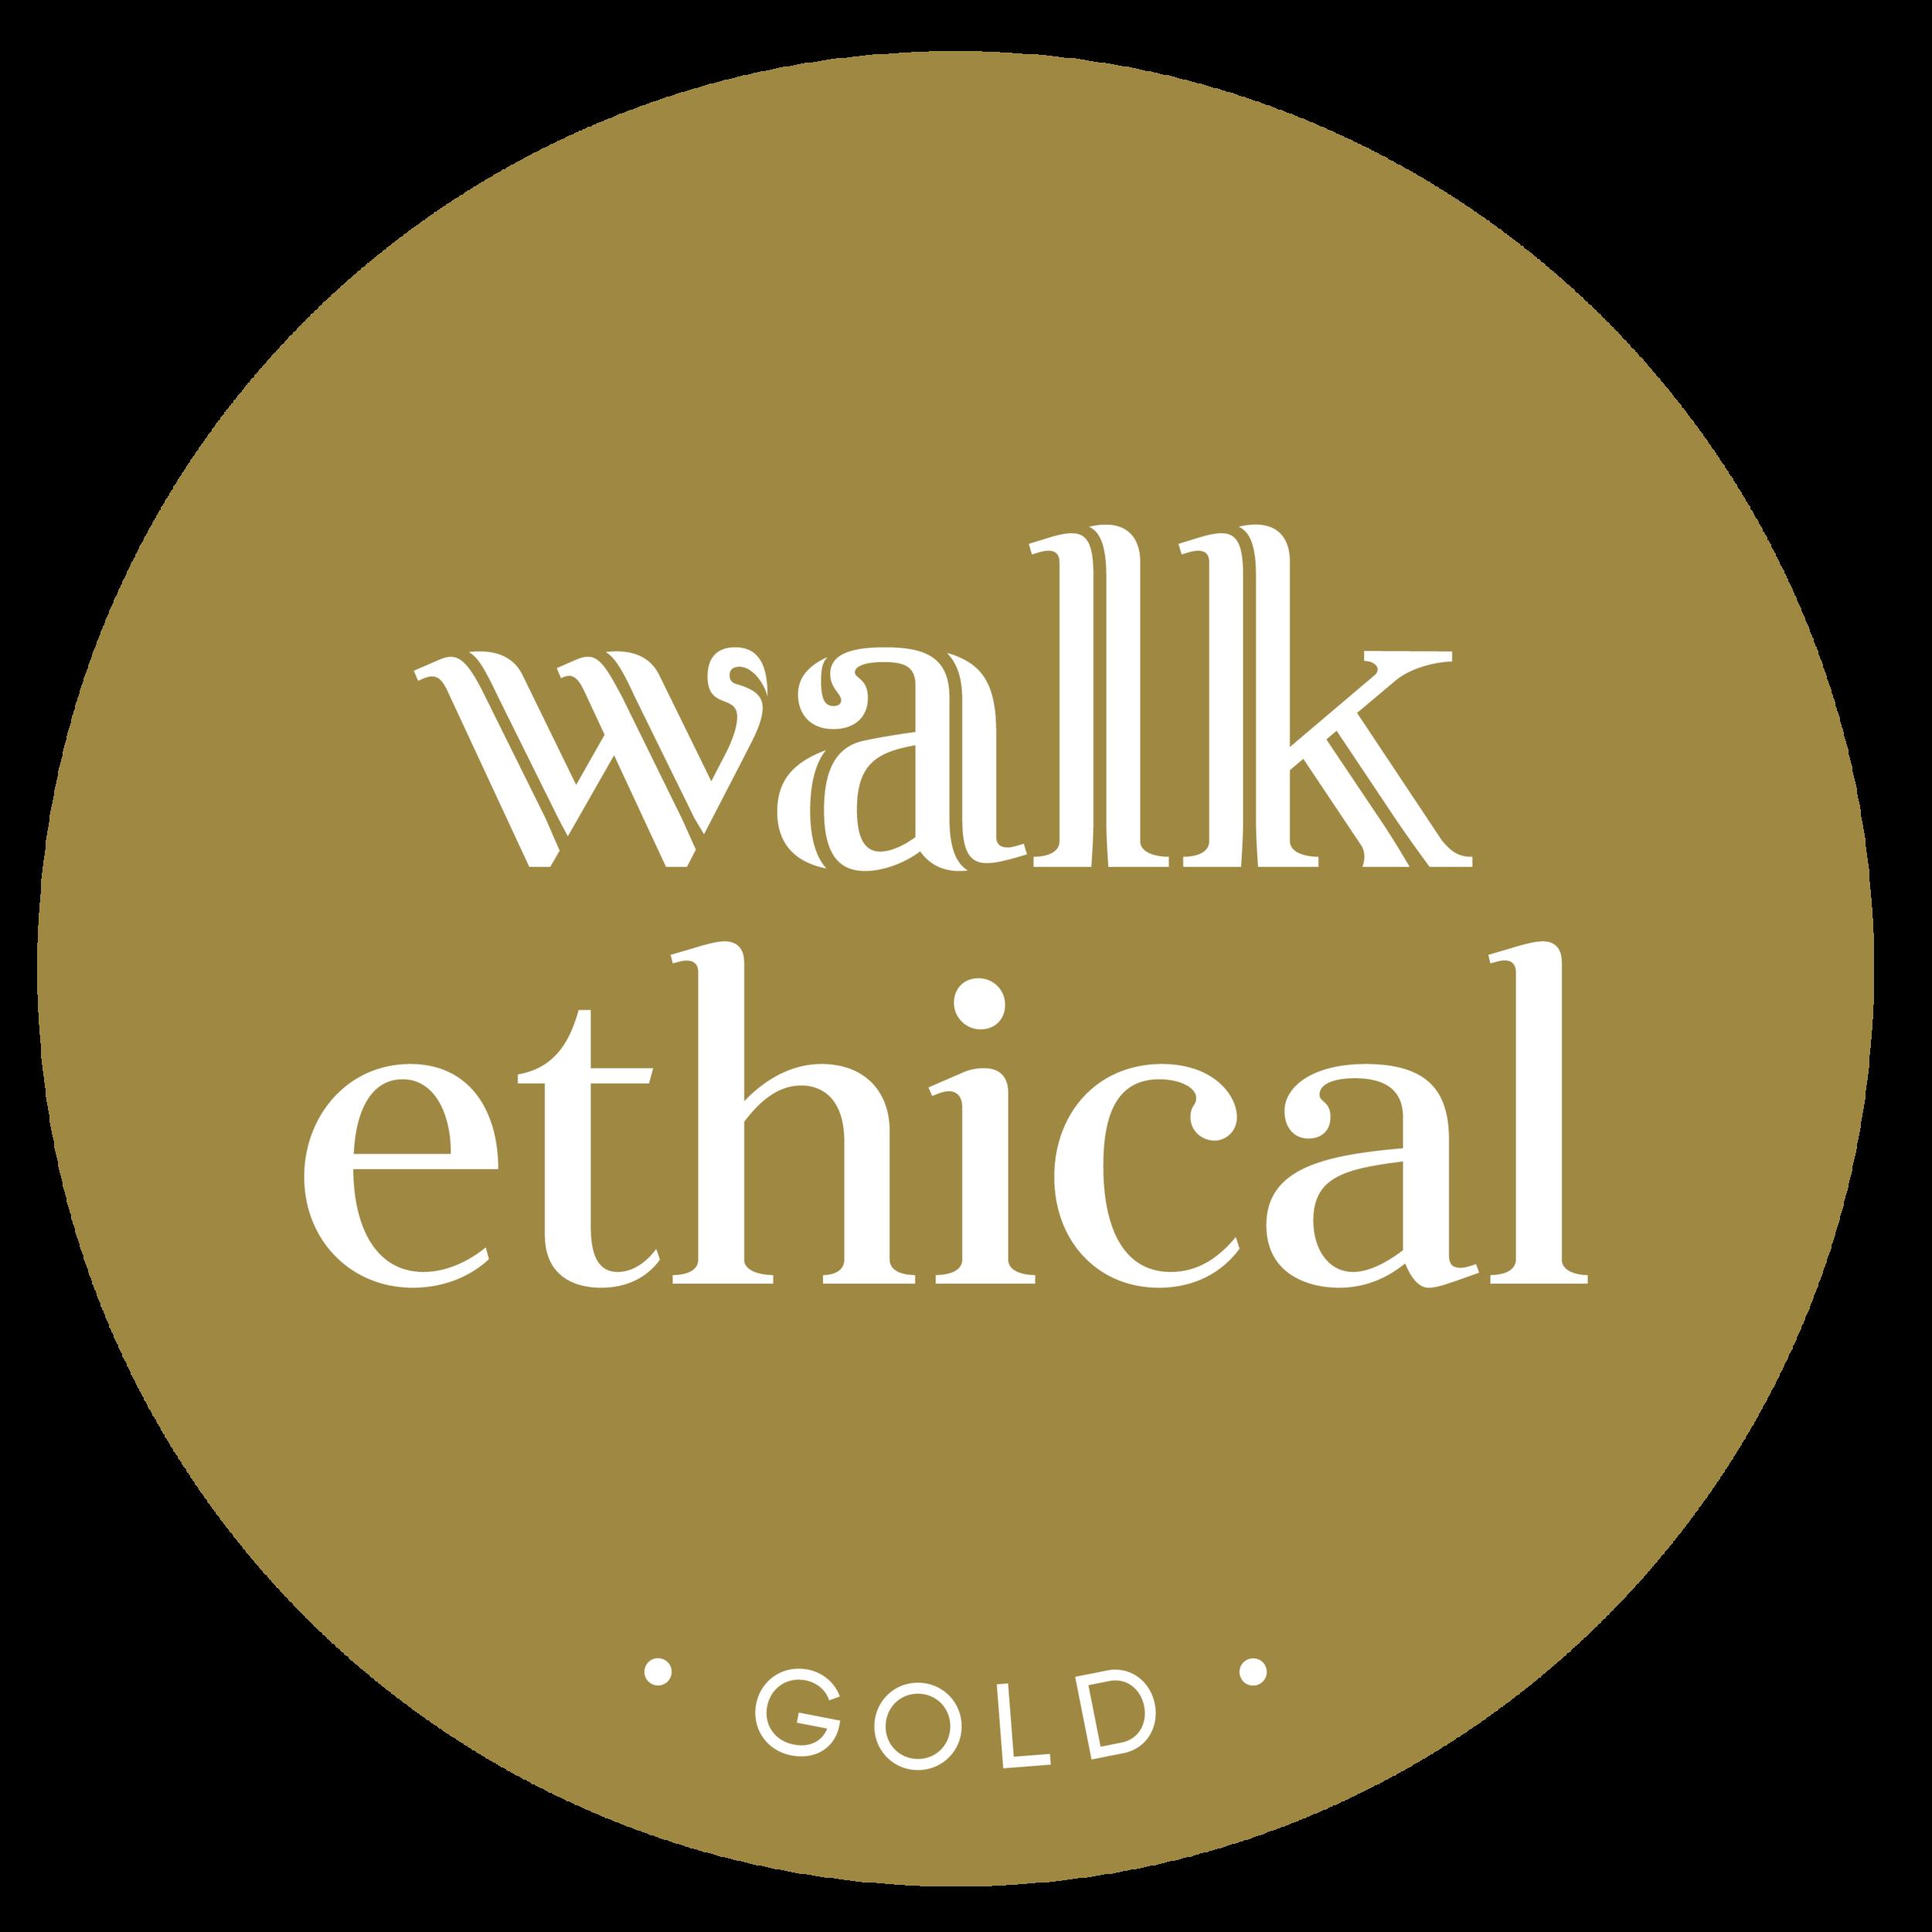 WalkEthical_Emblem_Gold.png